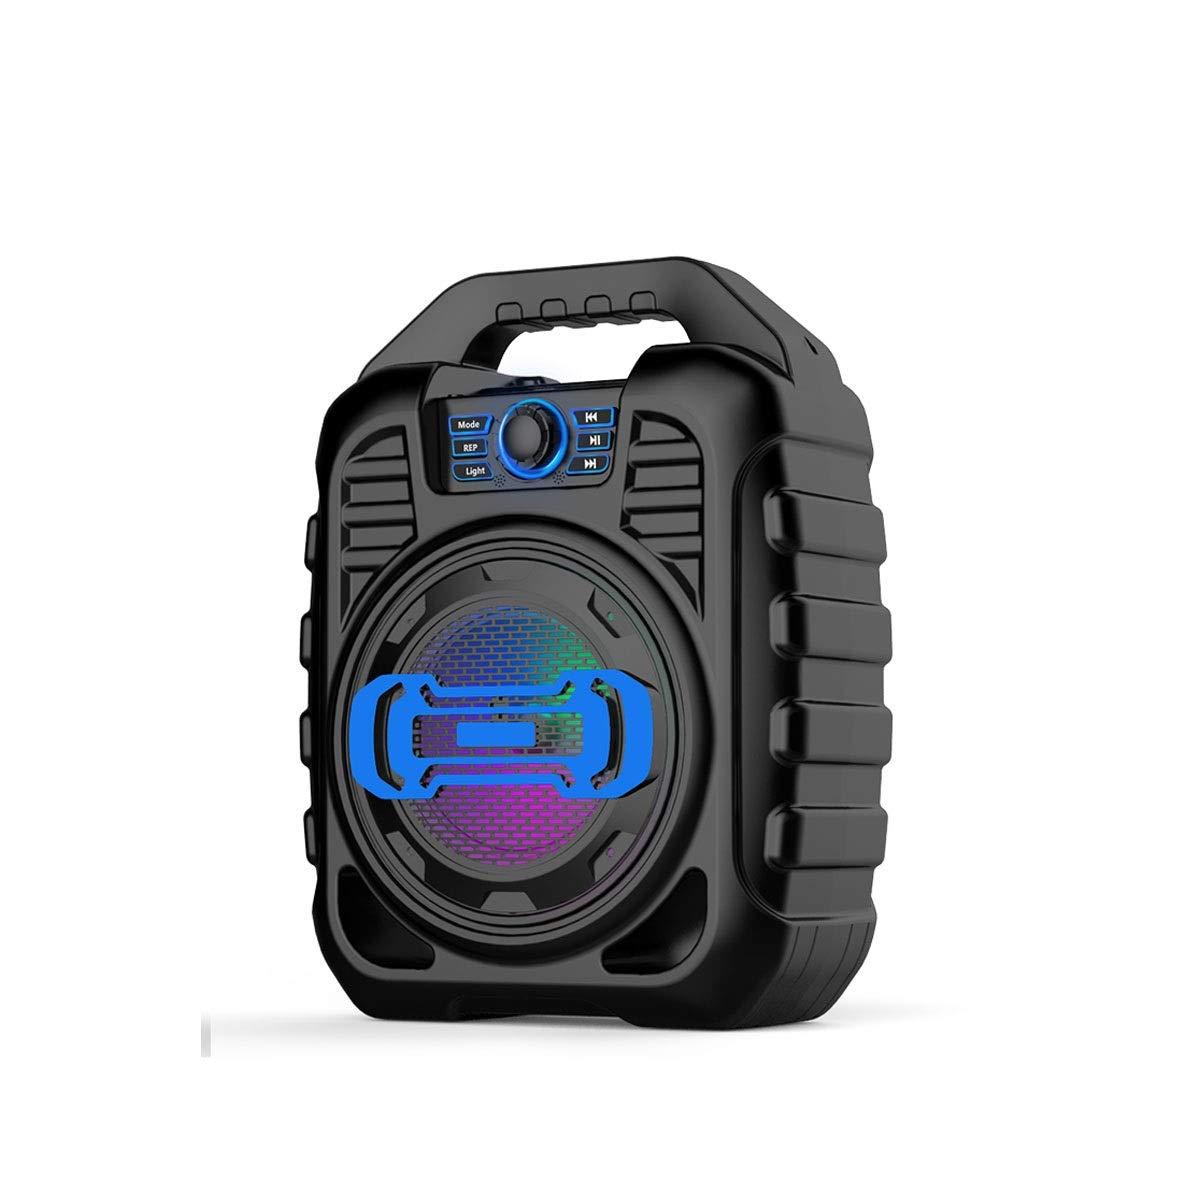 Guyuexuan ワイヤレスBluetoothスピーカー、ハイパワー太りすぎのサブウーファー、家庭用屋外スピーカー、ポータブルポータブルミニスピーカー、車の3 dサラウンドスピーカー 製品 4 (Color : Black) B07T4YVRQ5